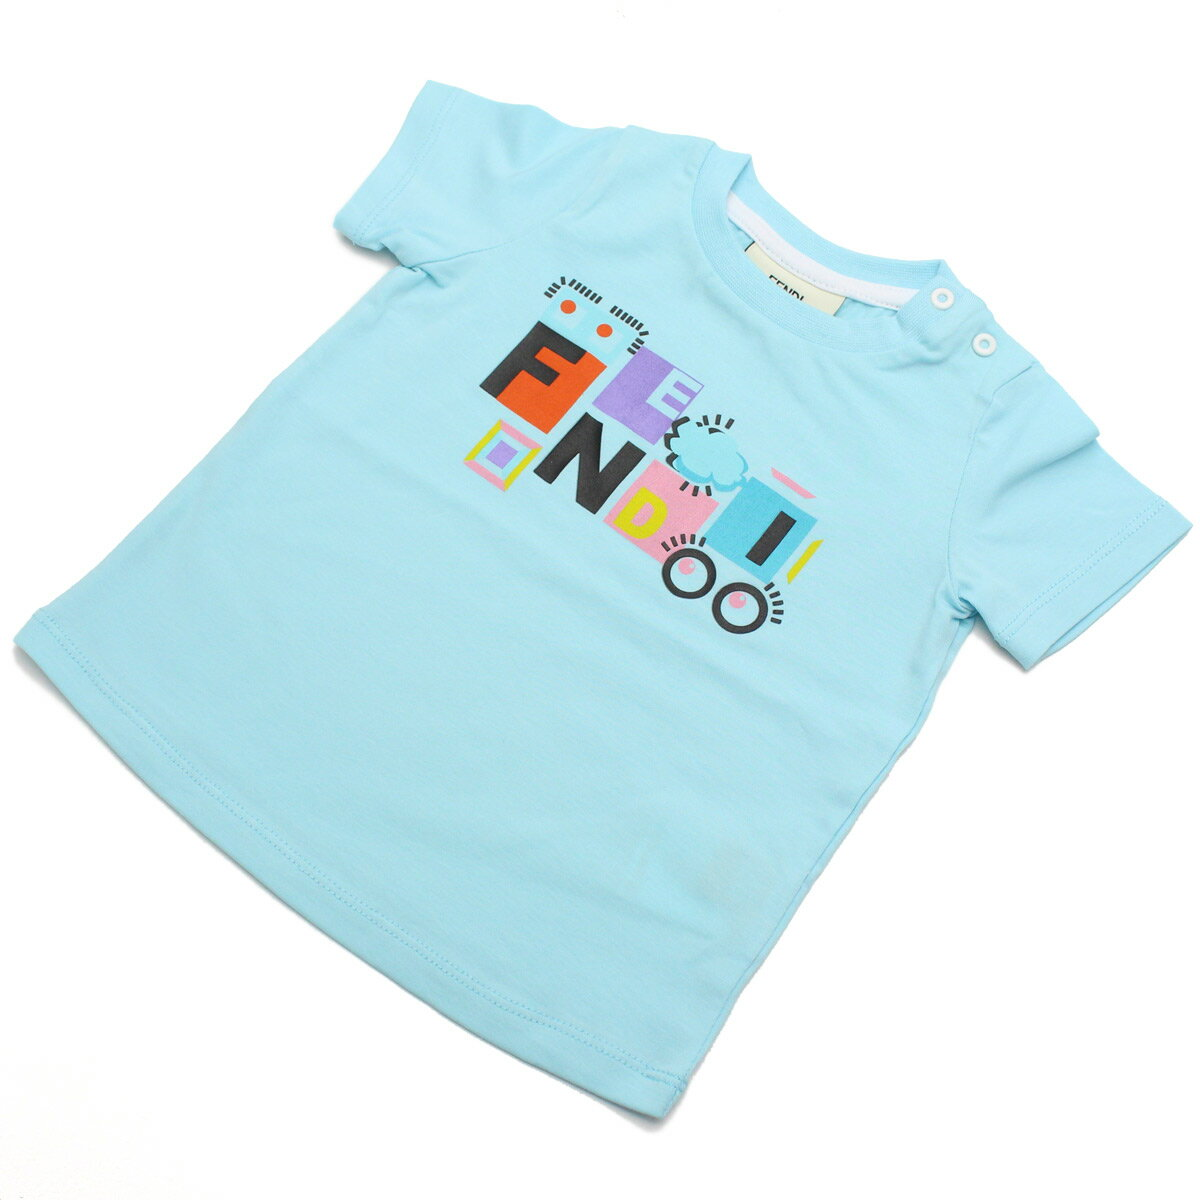 フェンディ (FENDI) ベビーTシャツ BFI033 ST8 F0QF4 ブルー系 ベビー服【キッズ・ベビー】【男の子】